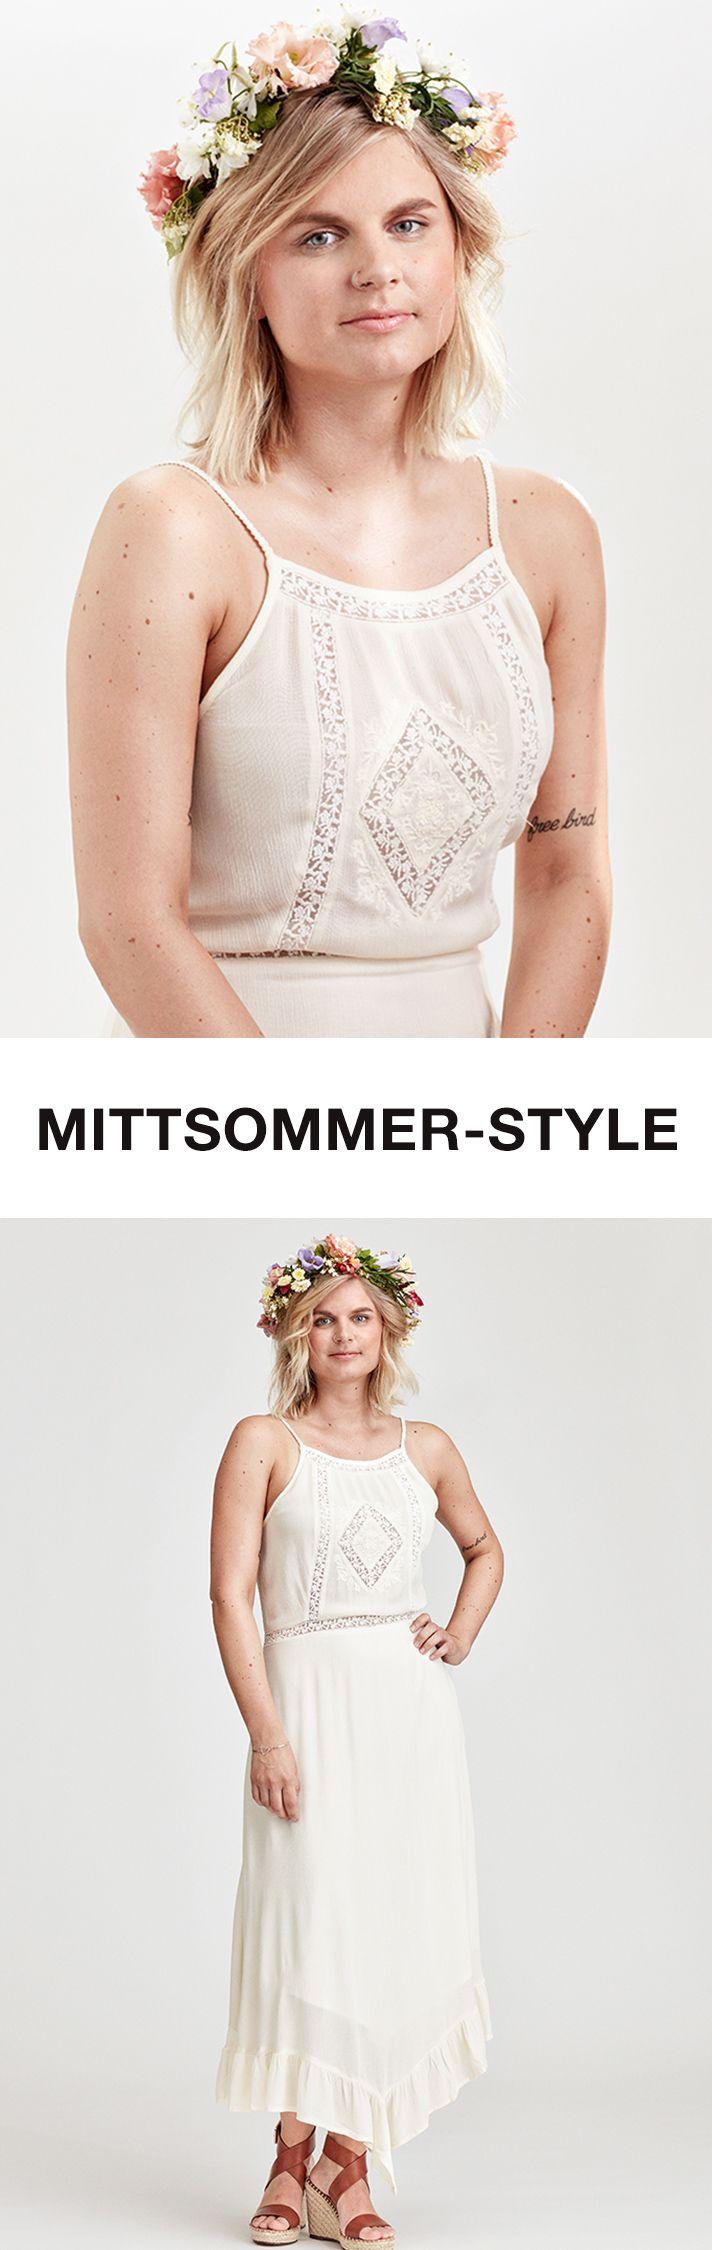 Hach, bei diesem Spitzen-Kleid denken wir sofort an den schwedischen Sommer! Wie du diesen romantischen Mittsommer-Traum stylst, erfährst du von Siina im Editorial. https://www.zalando.de/editorial-damen/inspiration/we-love-weisses-spitzenkleid/